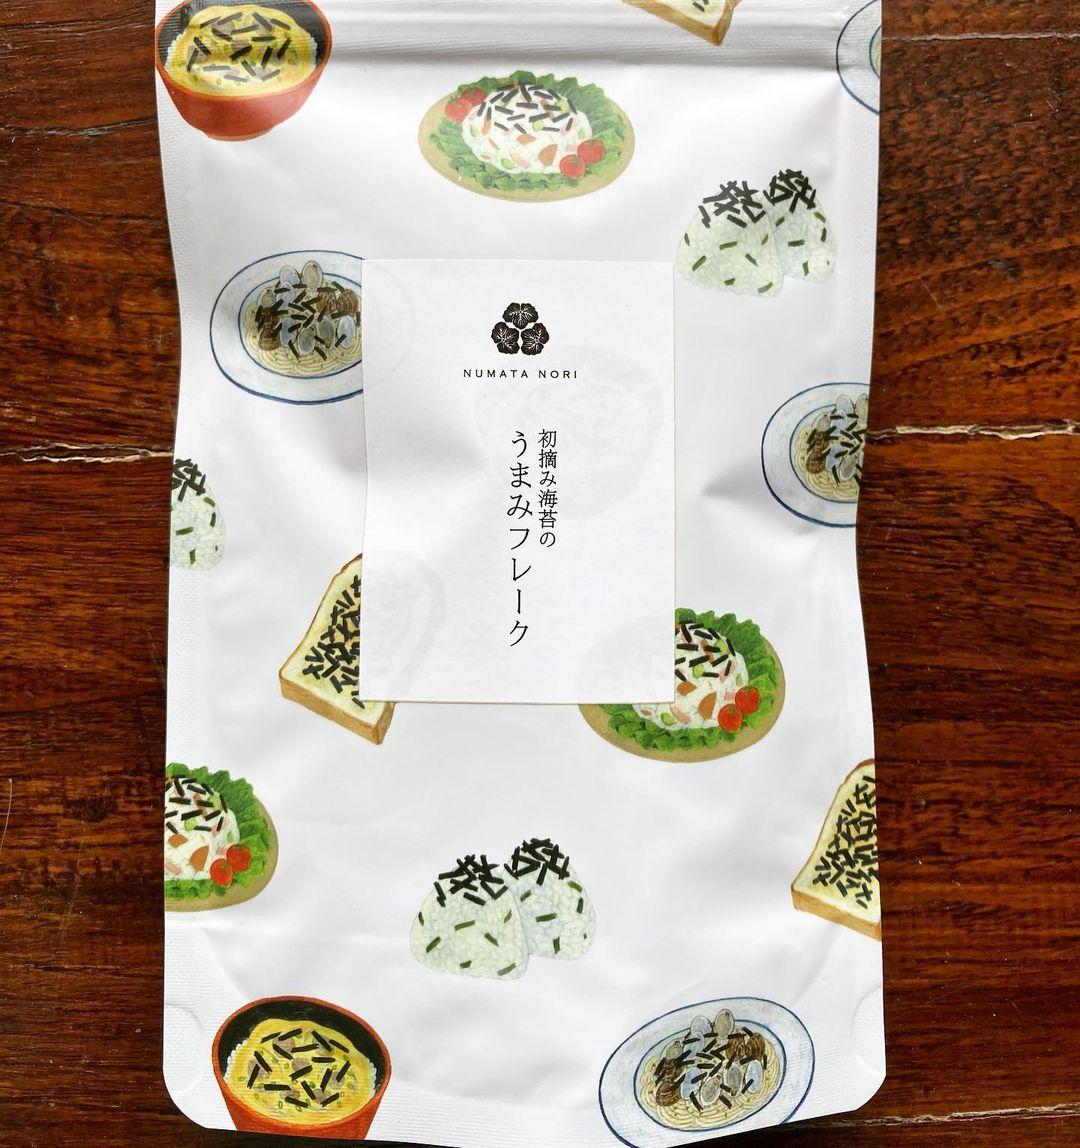 ぬま田海苔 × 料理家・蓮池陽子のうまみフレーク(2021.05.10)